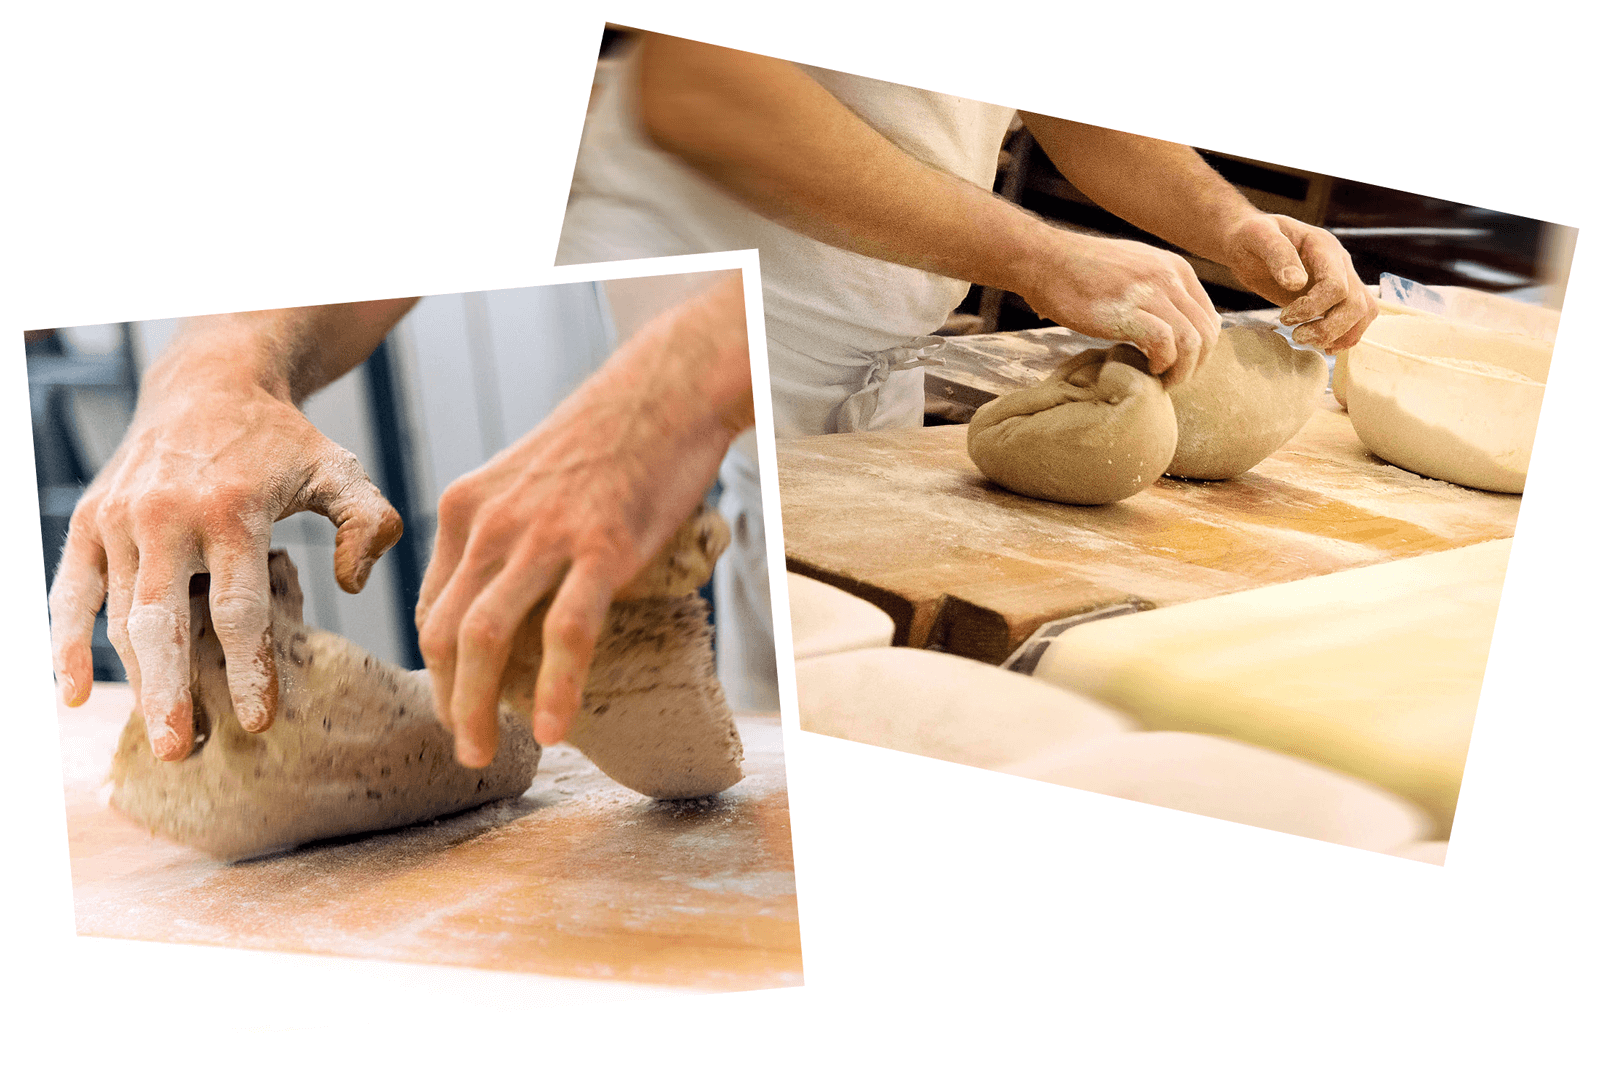 Bäcker knetet Mehl